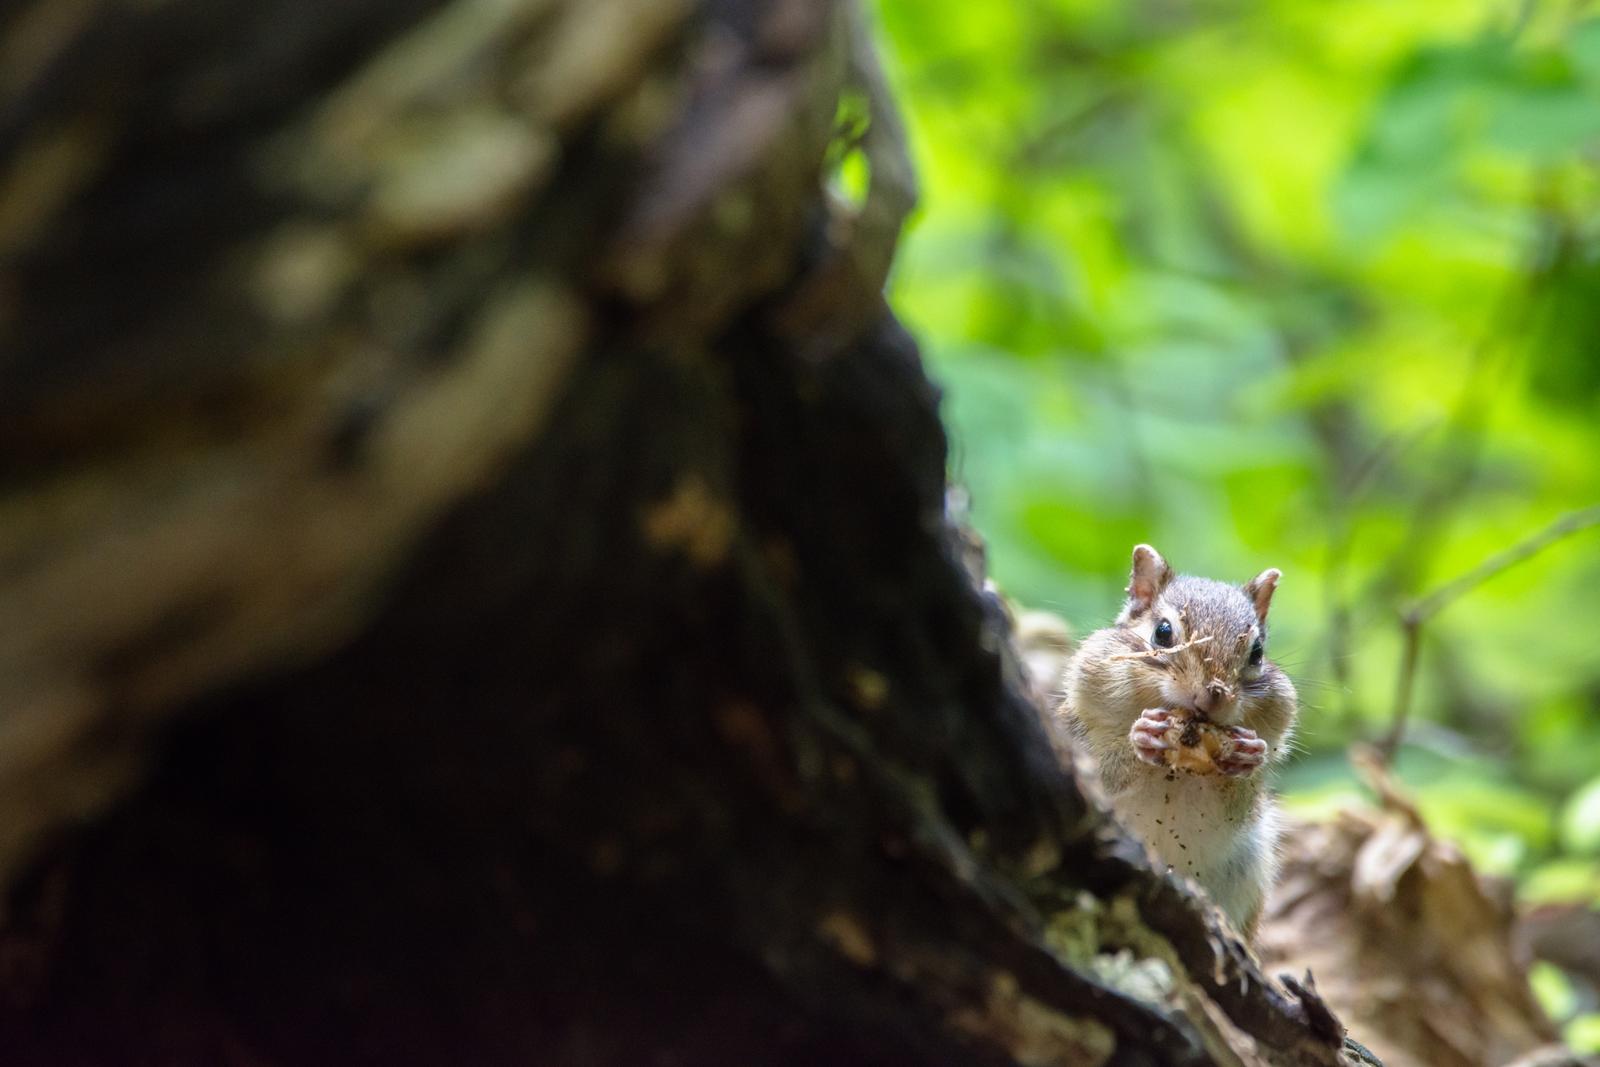 Photo: 「ちょっと待っててね」 / Just a moment.  こんにちは あ、ごめんね ちょっと食べ終わるまで 少し待っててね  Chipmunk. (エゾシマリス)  Nikon D7200 SIGMA 150-600mm F5-6.3 DG OS HSM Contemporary  #animals #squirrel #nikon #sigma  ( http://takafumiooshio.com/archives/2580 )